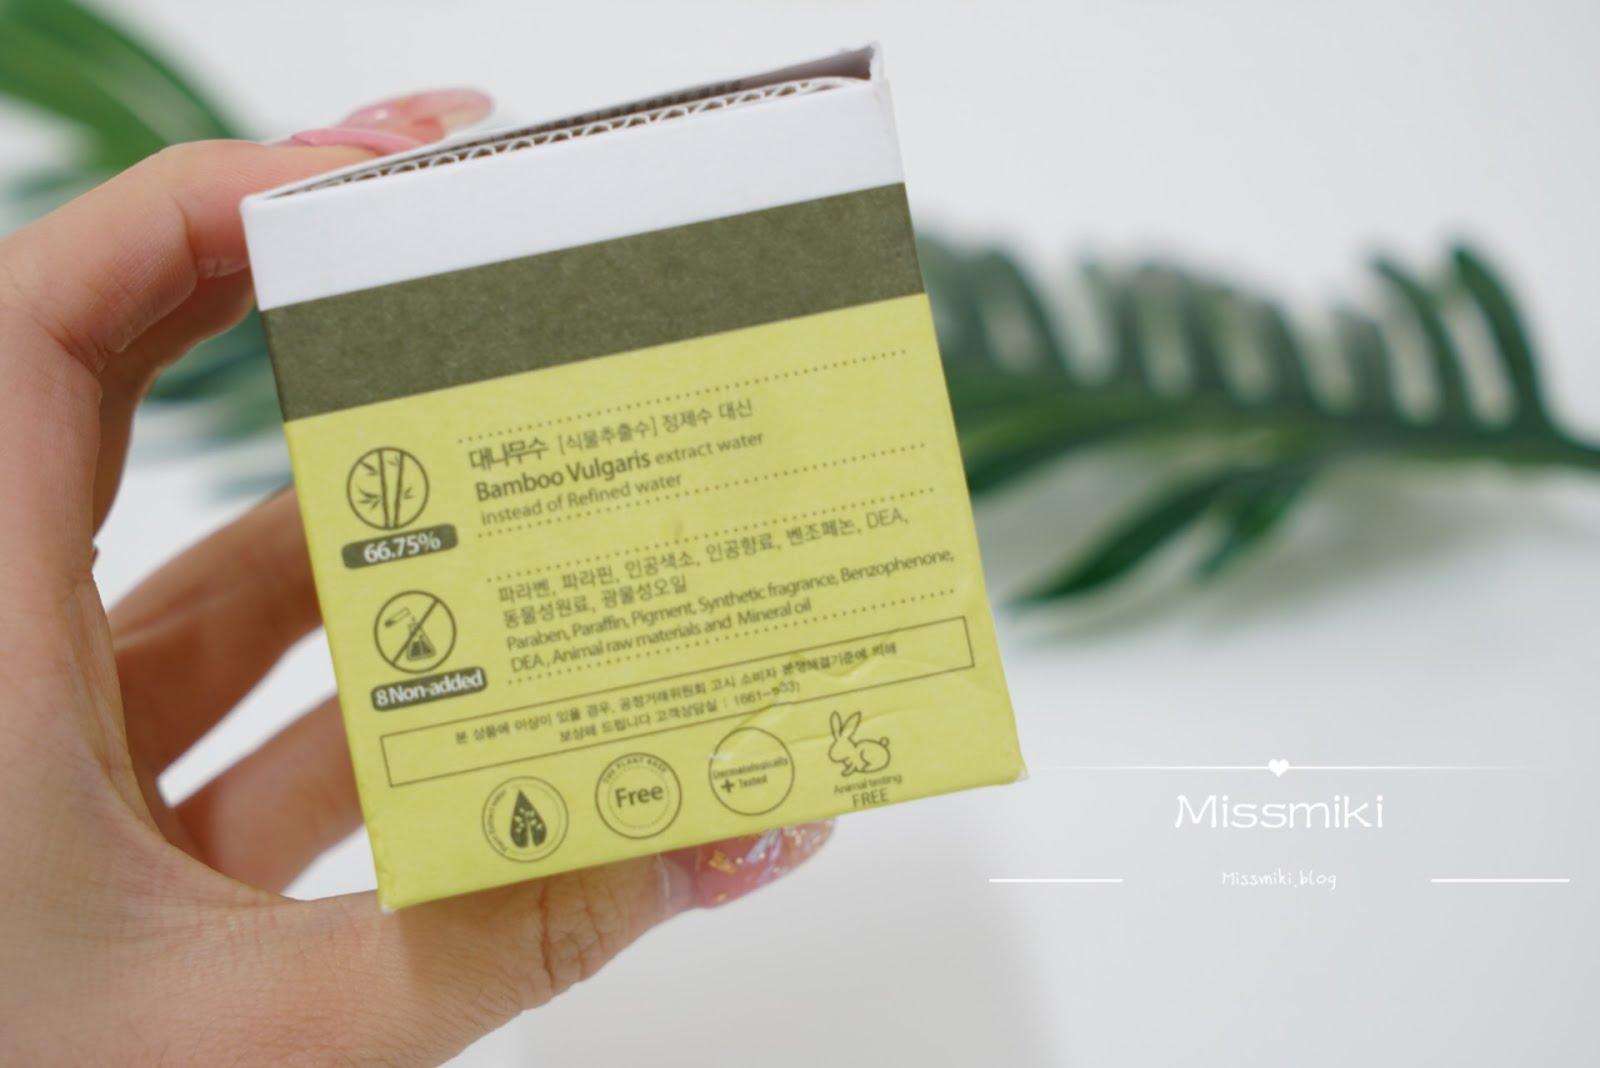 純天然植物提取|韓國品牌 The-Plant Base 天然翠竹混合滋潤面霜 IMG 0926